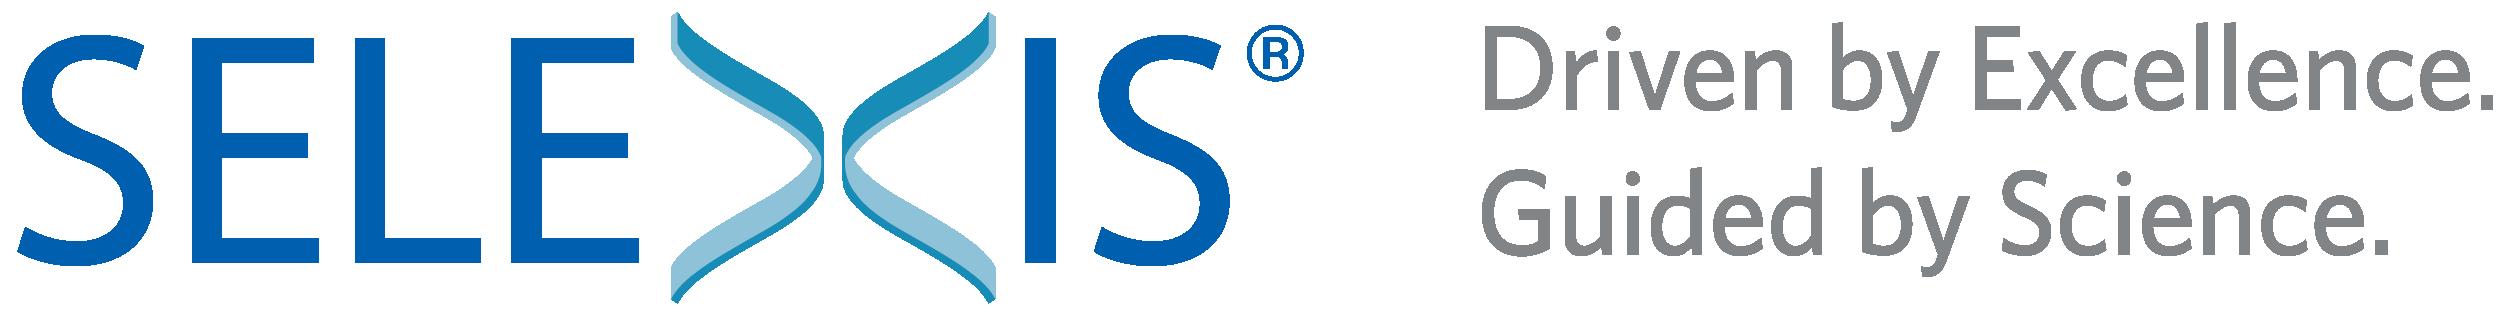 Selexis SA